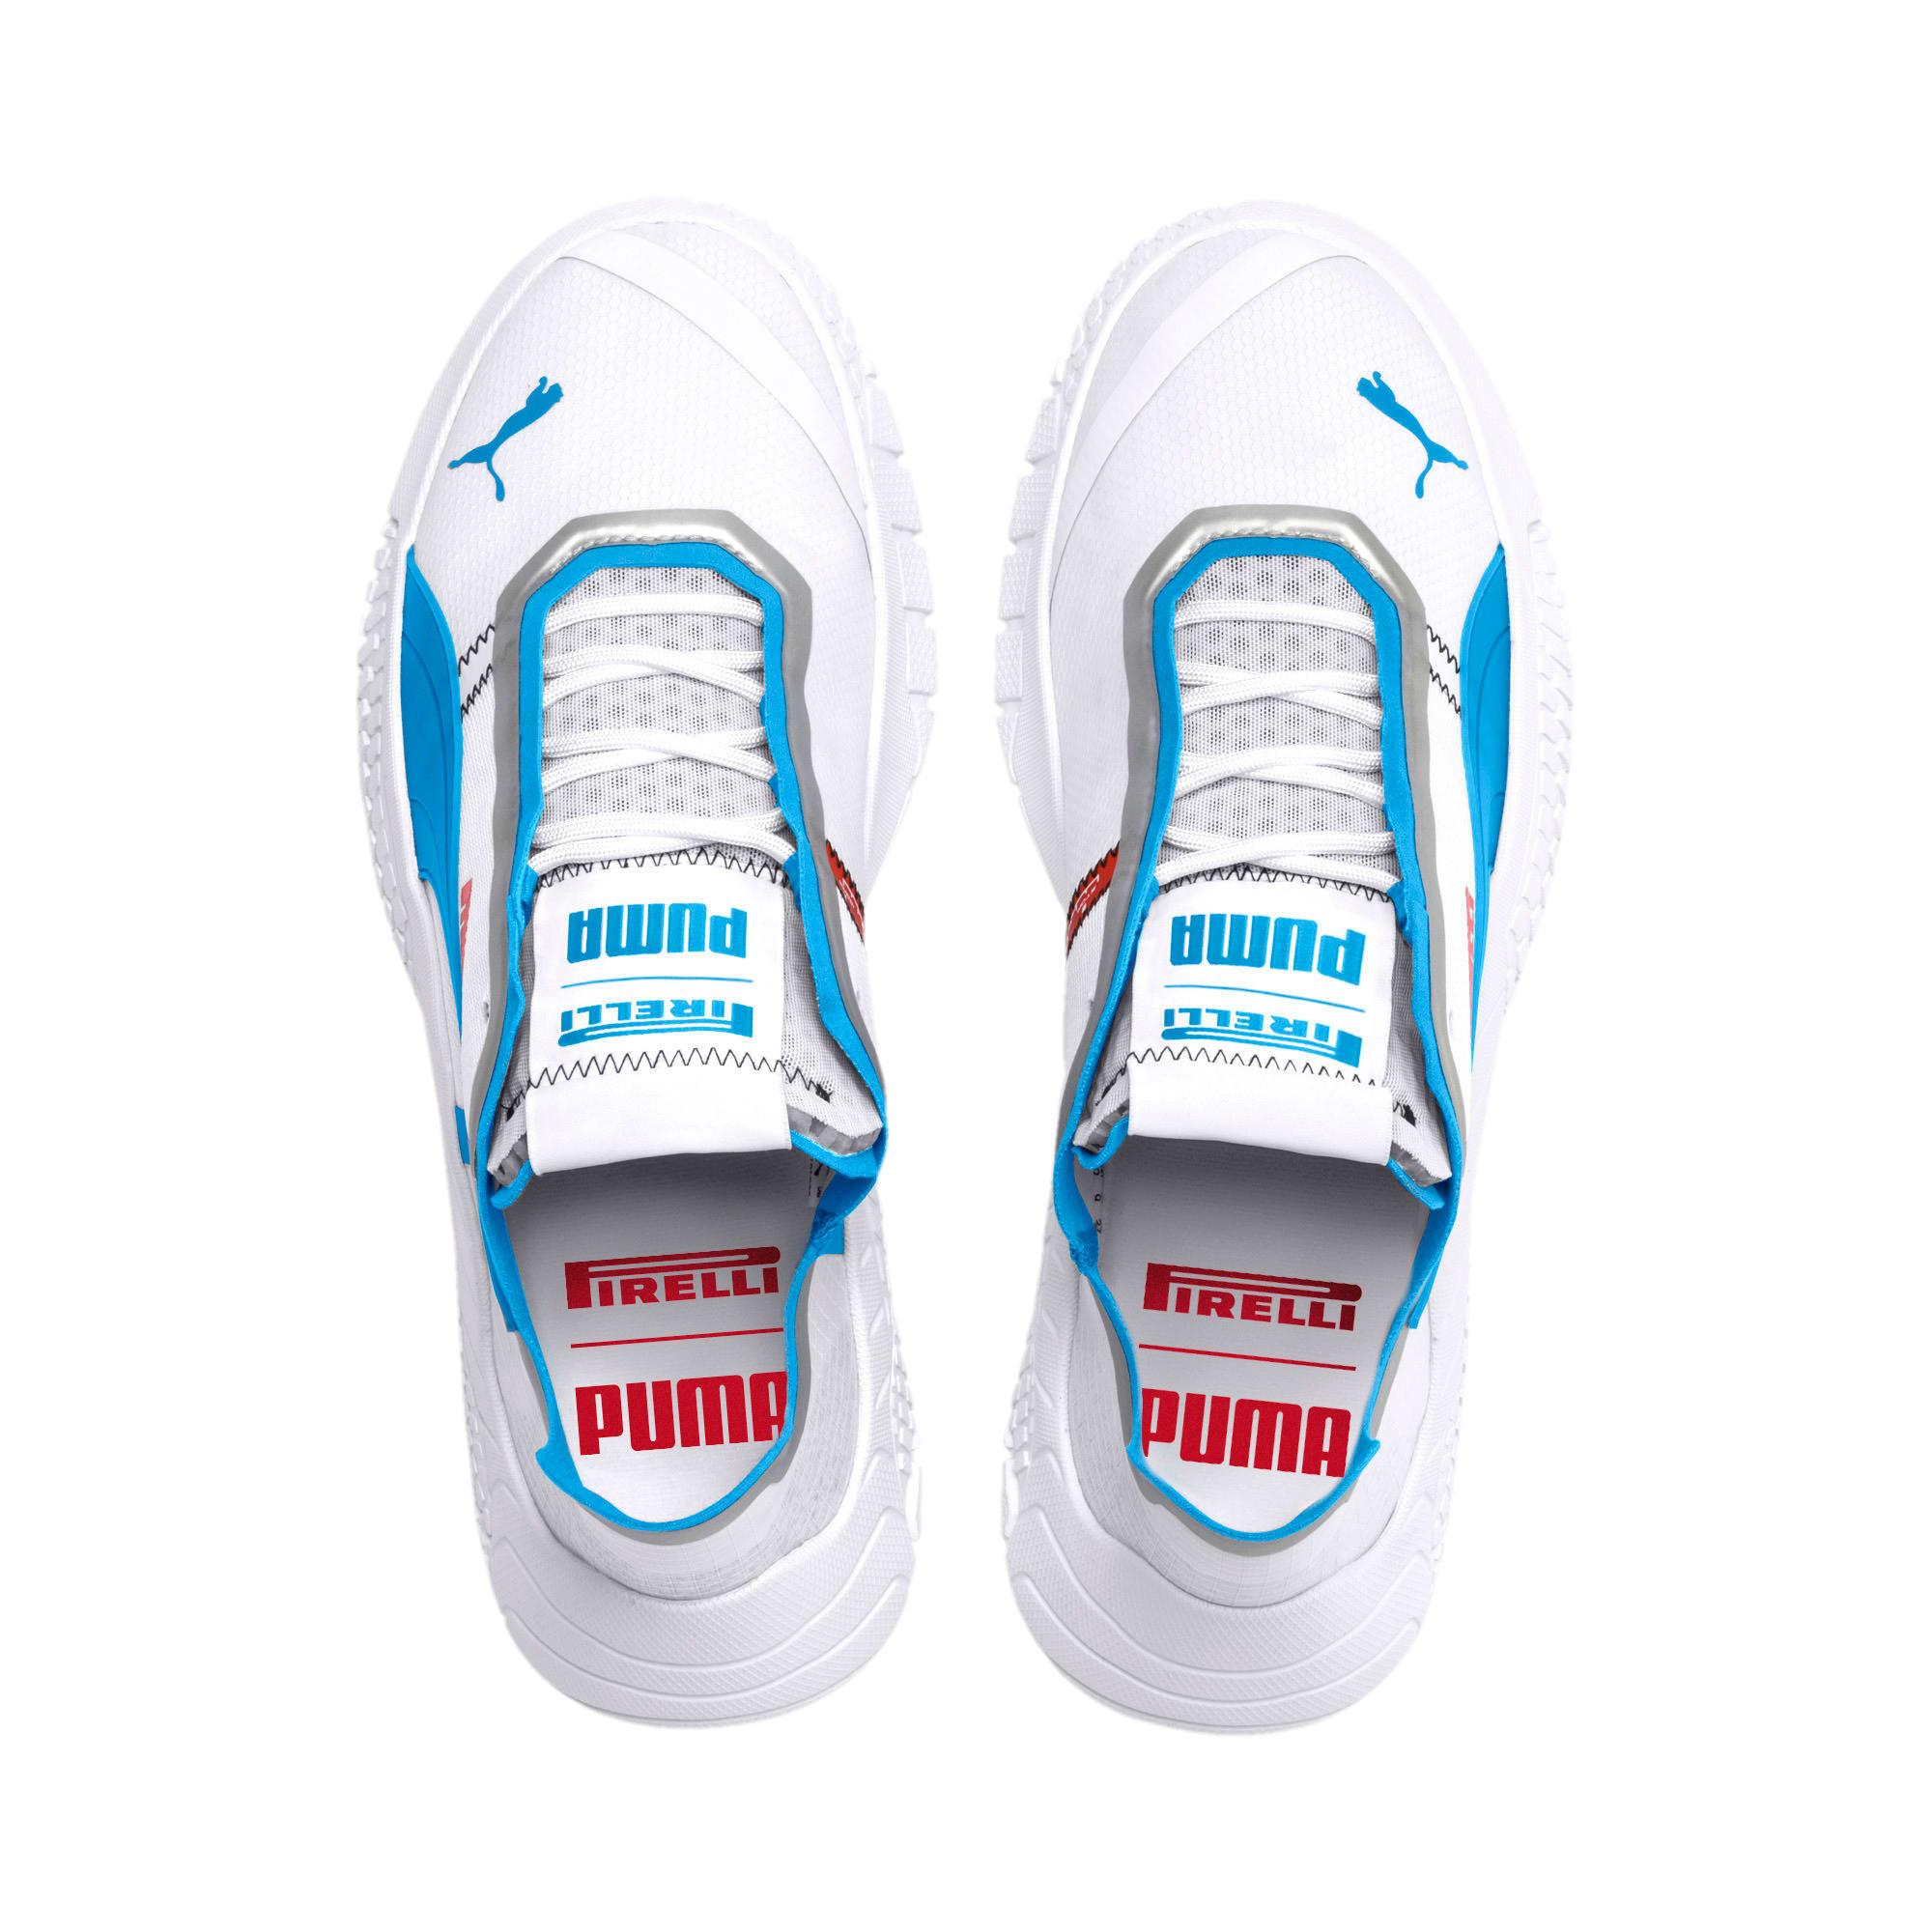 Thumbnail 9 of Pirelli Replicat-X sportschoenen, Puma White-AZURE BLUE, medium